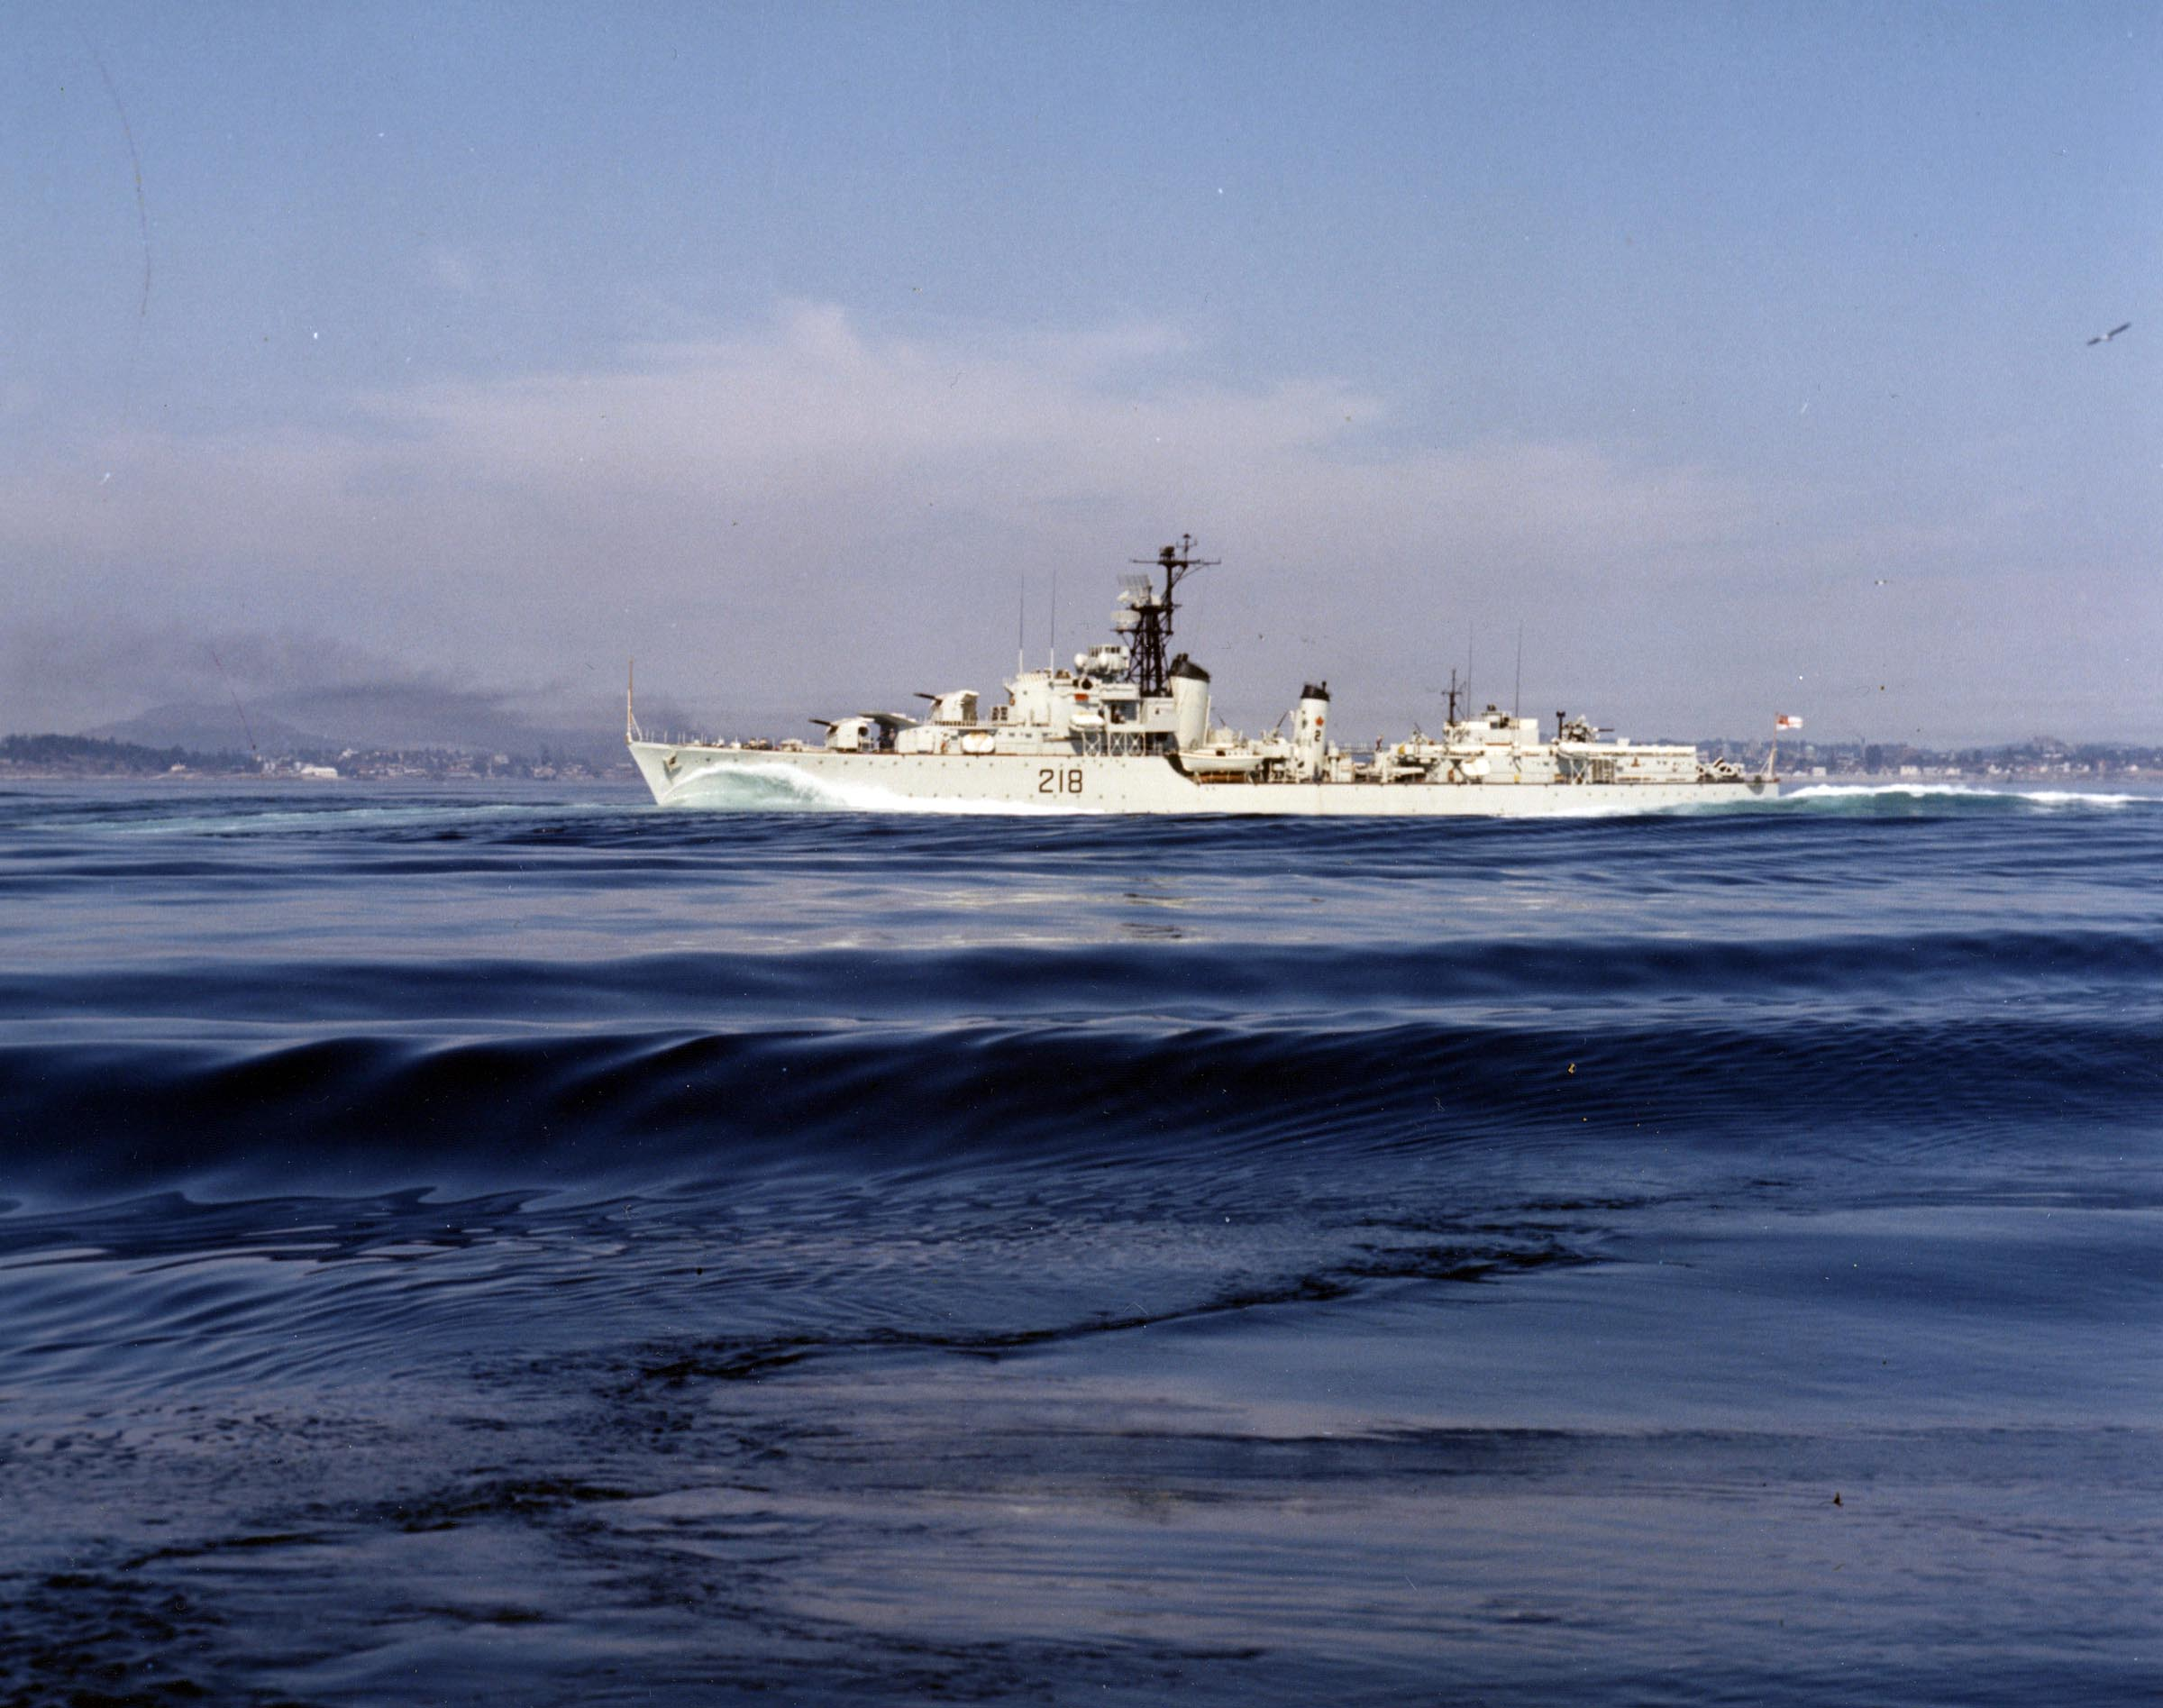 HMCS CAYUGA